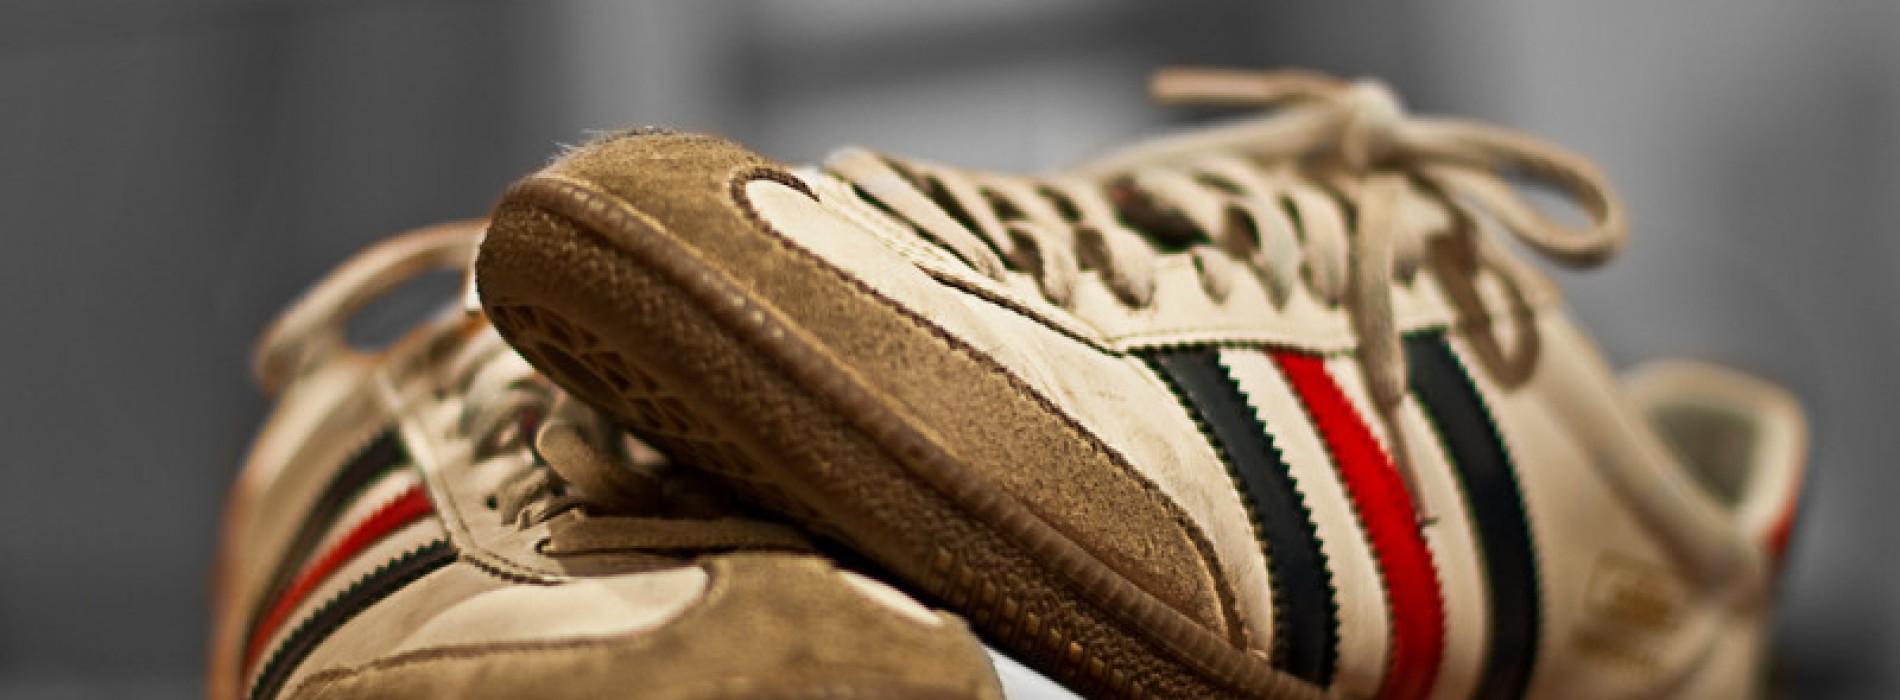 Reken af met die vieze geurtjes in je schoenen! Dit is de oplossing